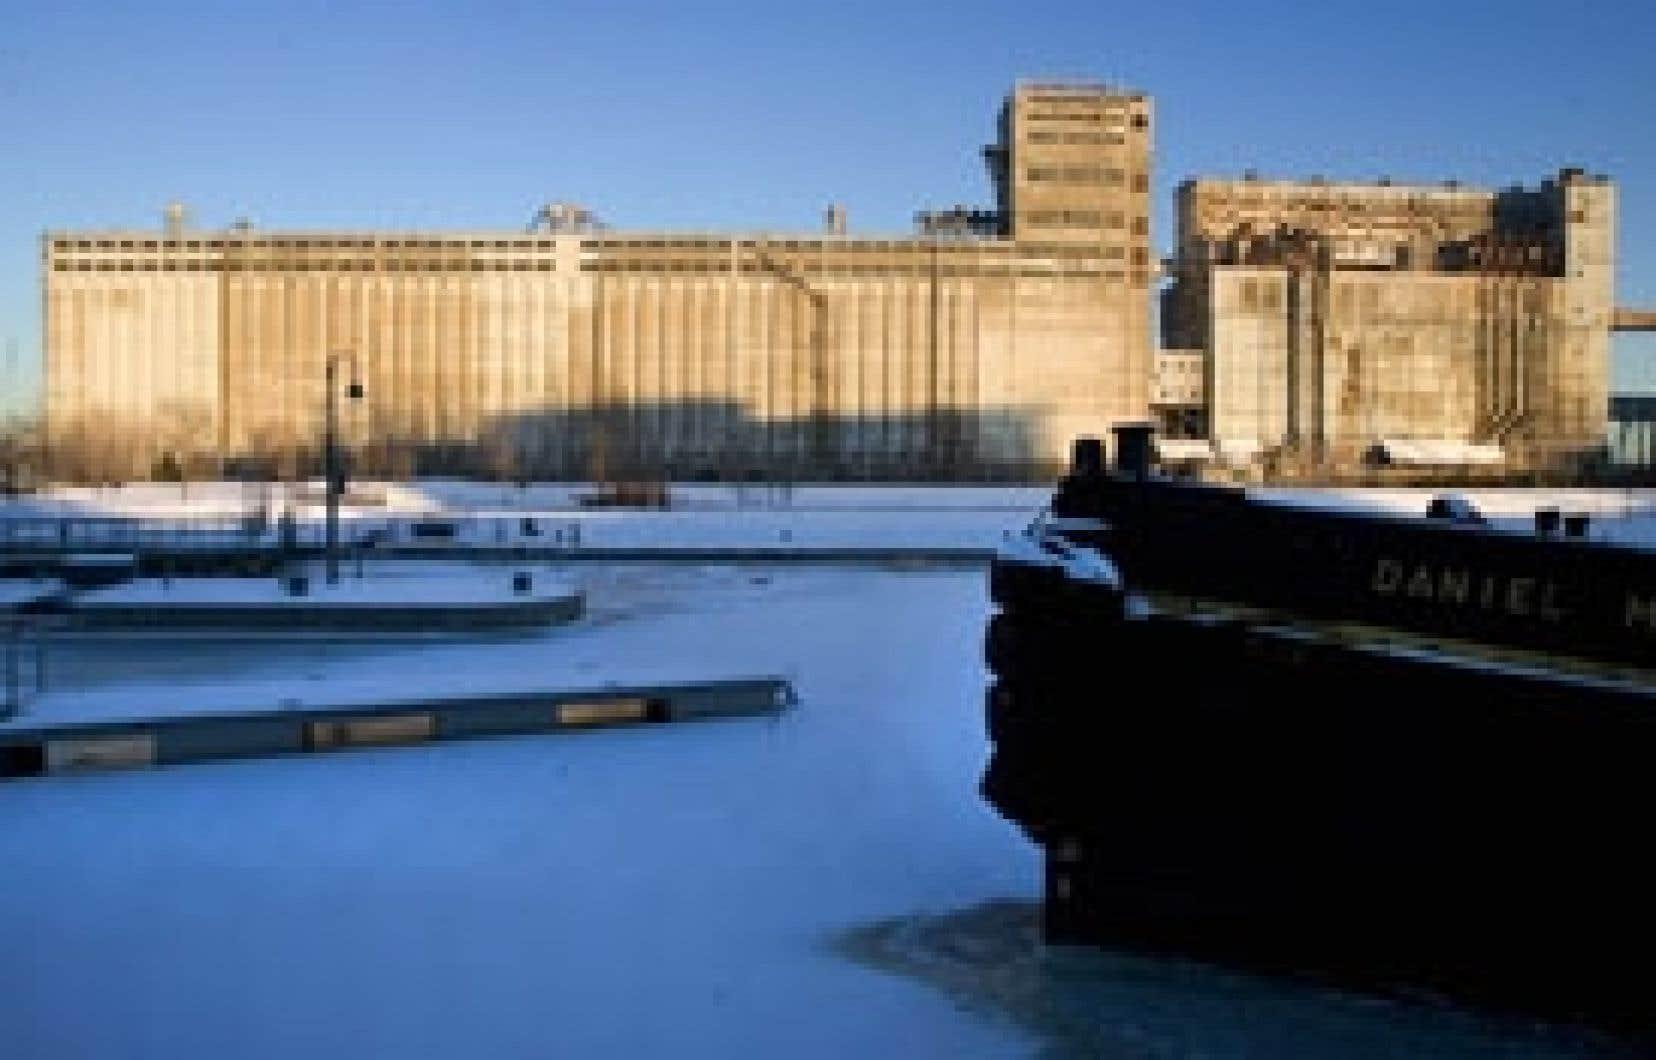 L'idée de créer un grand musée d'art moderne dans le silo no 5 avait été poussée par M. Mayer alors qu'il était aux commandes du Musée d'art contemporain.